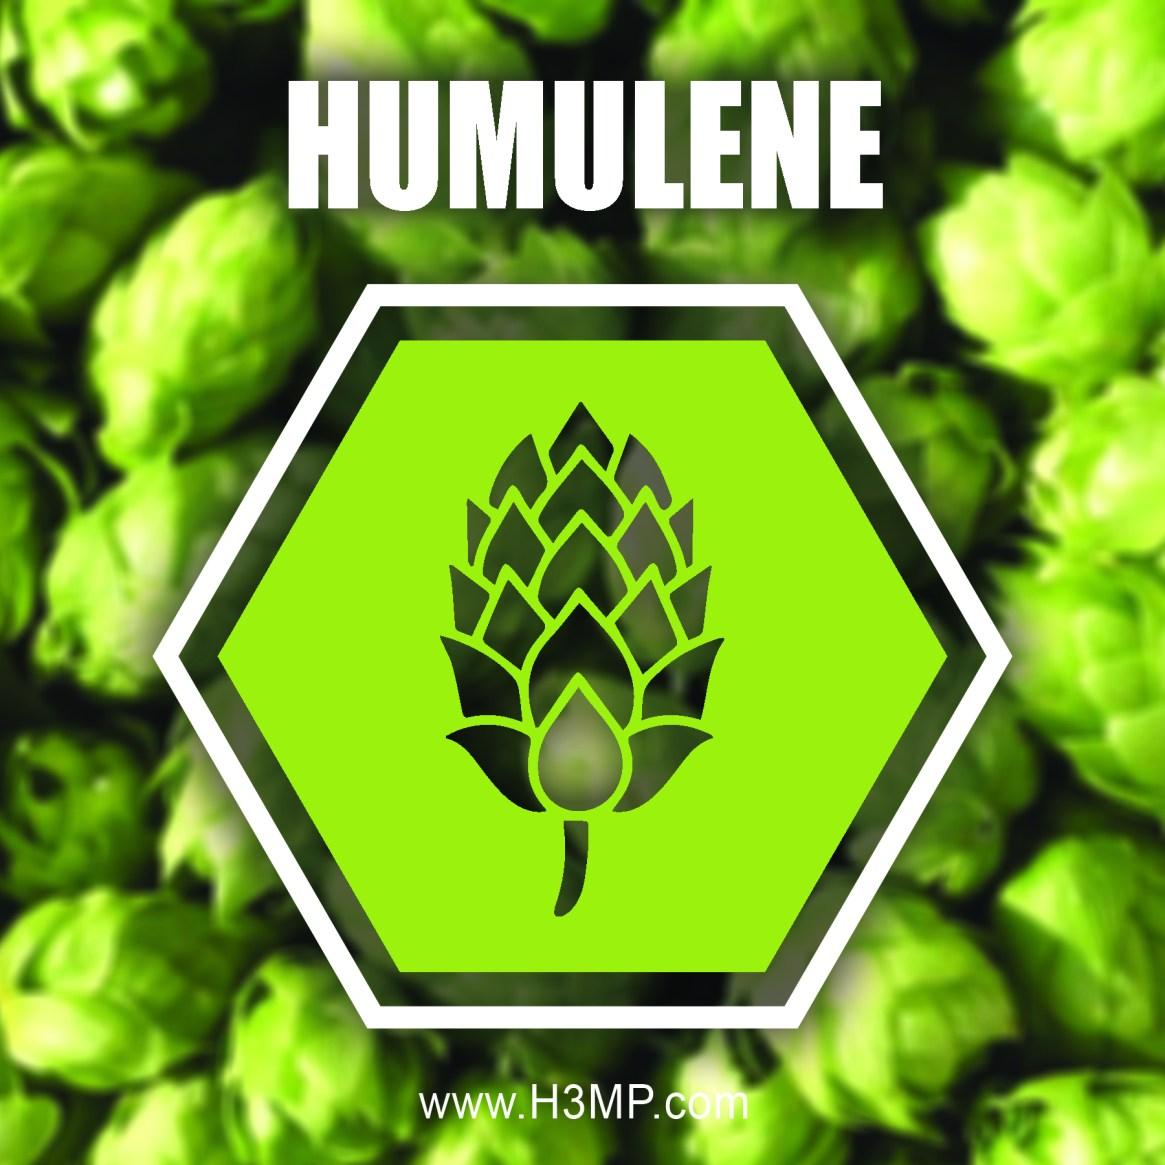 H3MP HUMULENE_1